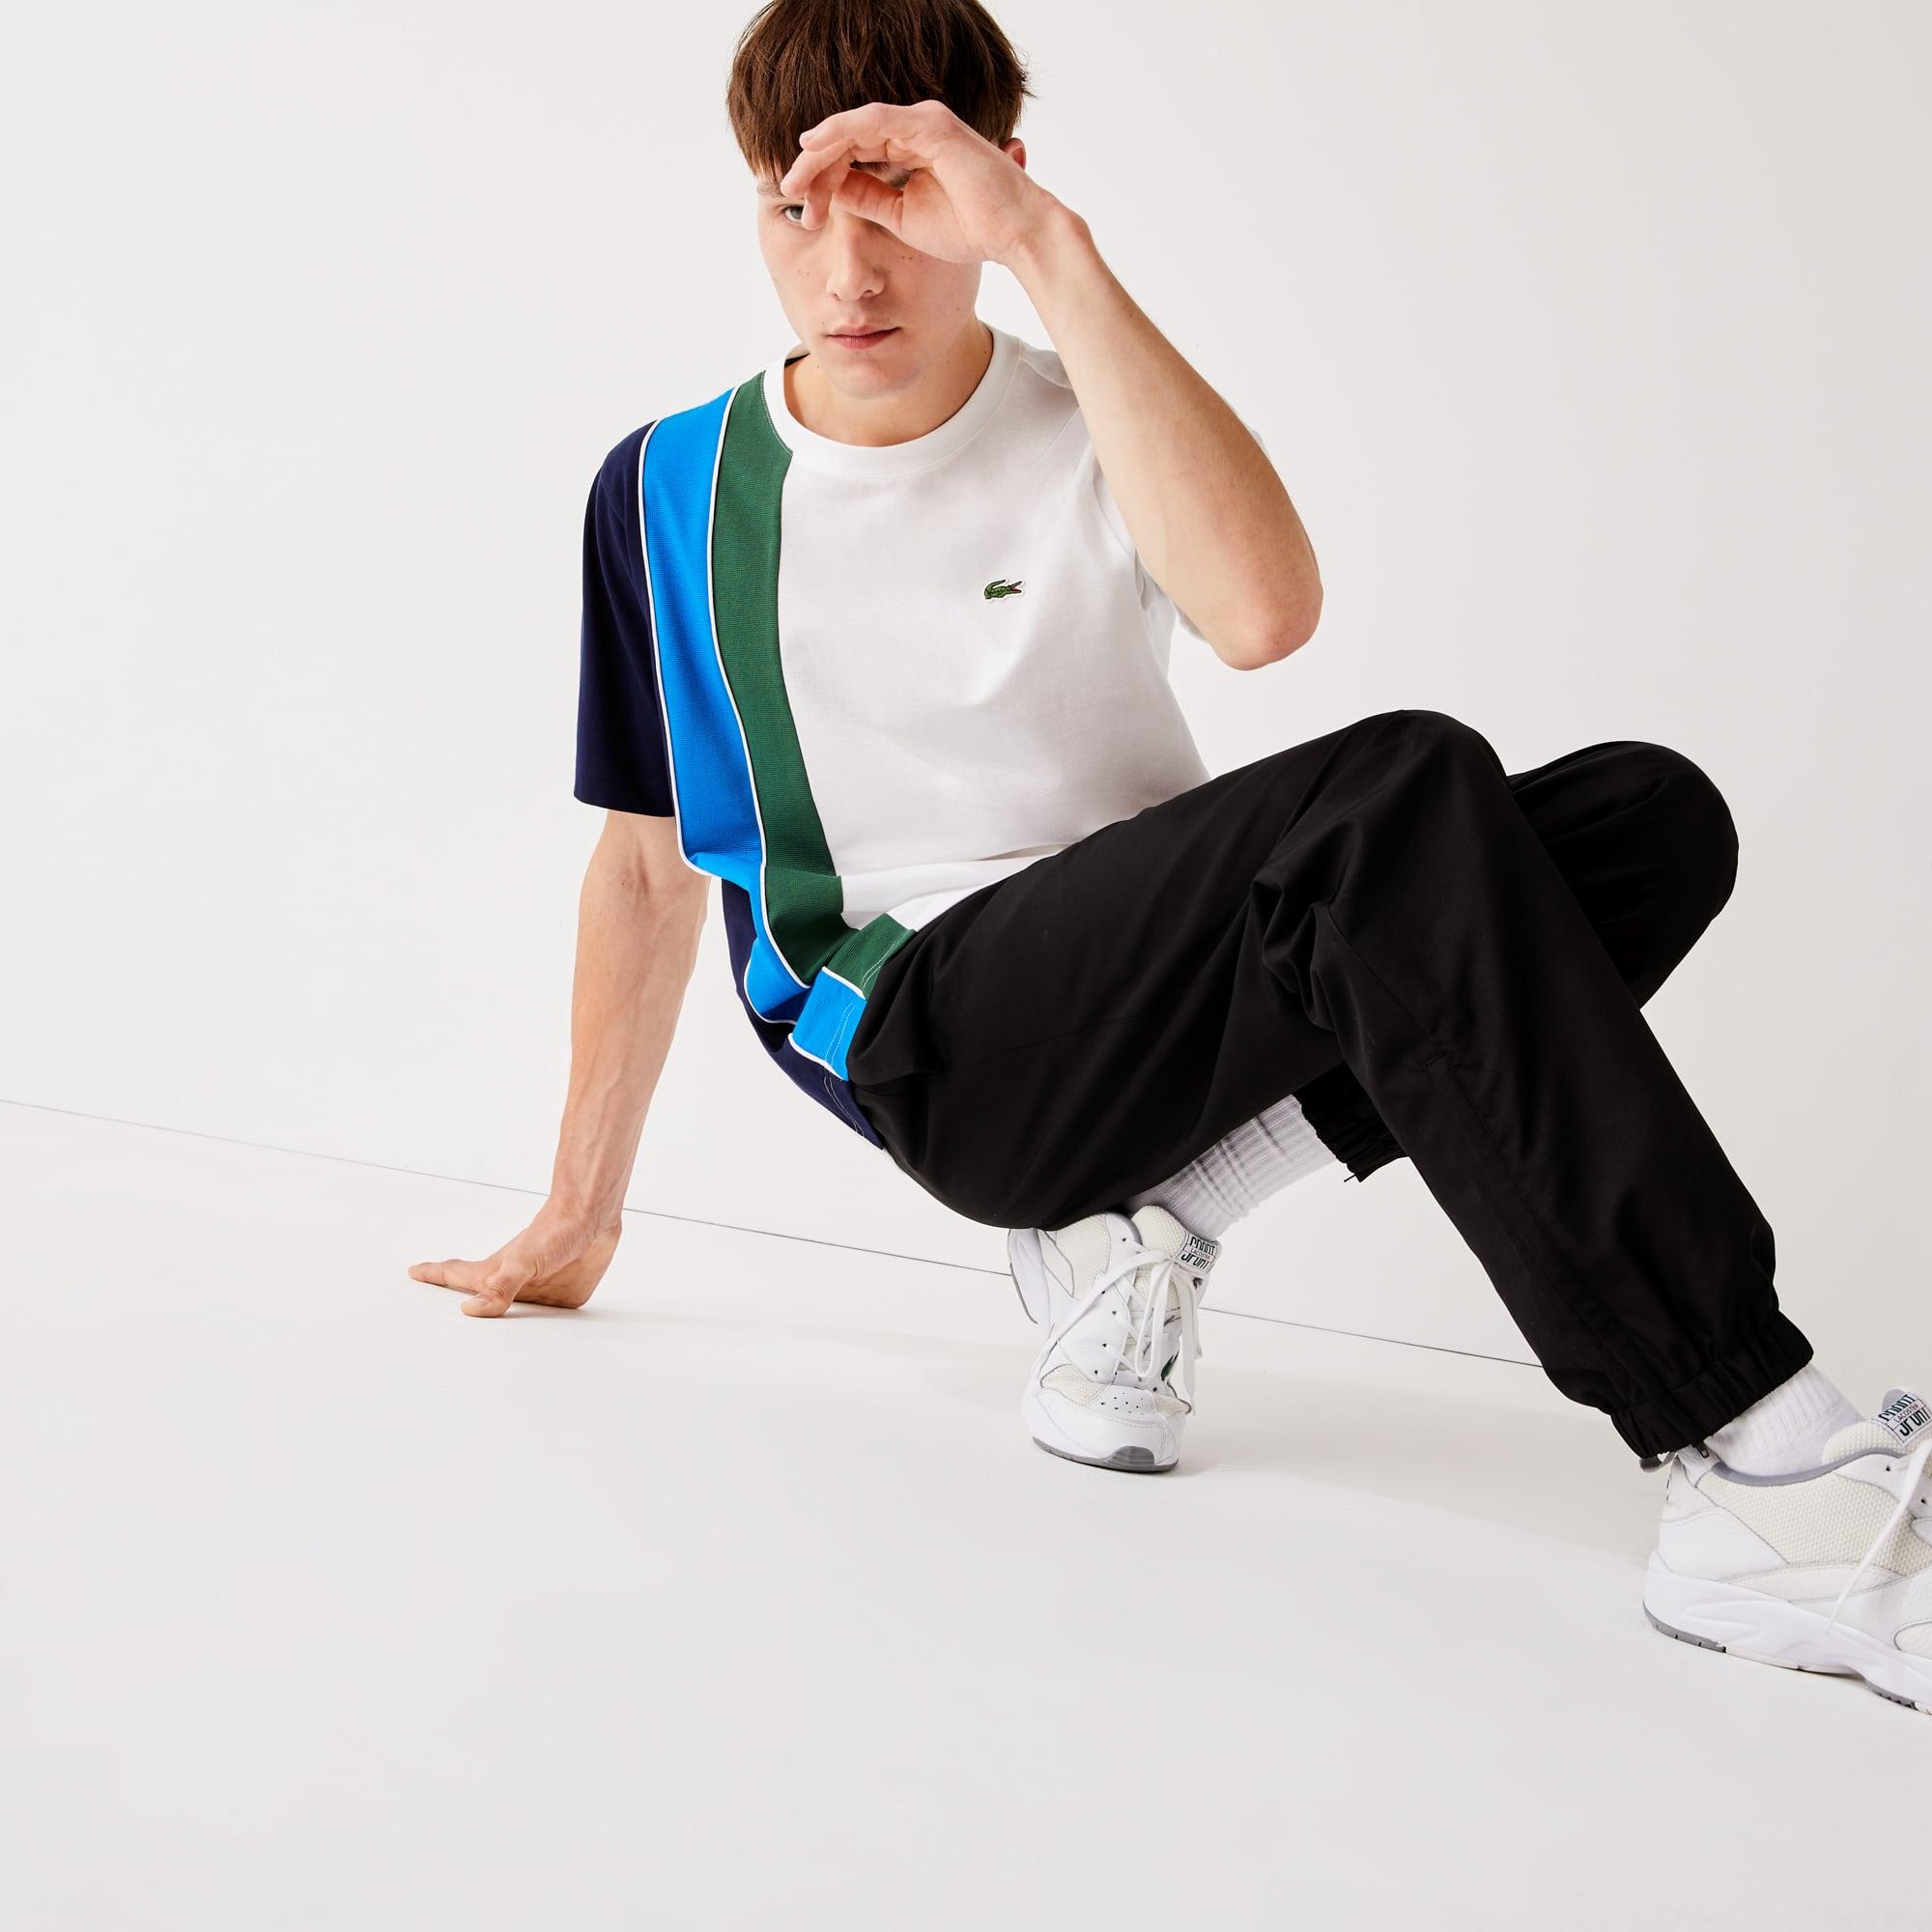 6ed5f12ebc6 Pantalon de survêtement Tennis Lacoste SPORT diamante uni · + 9 couleurs